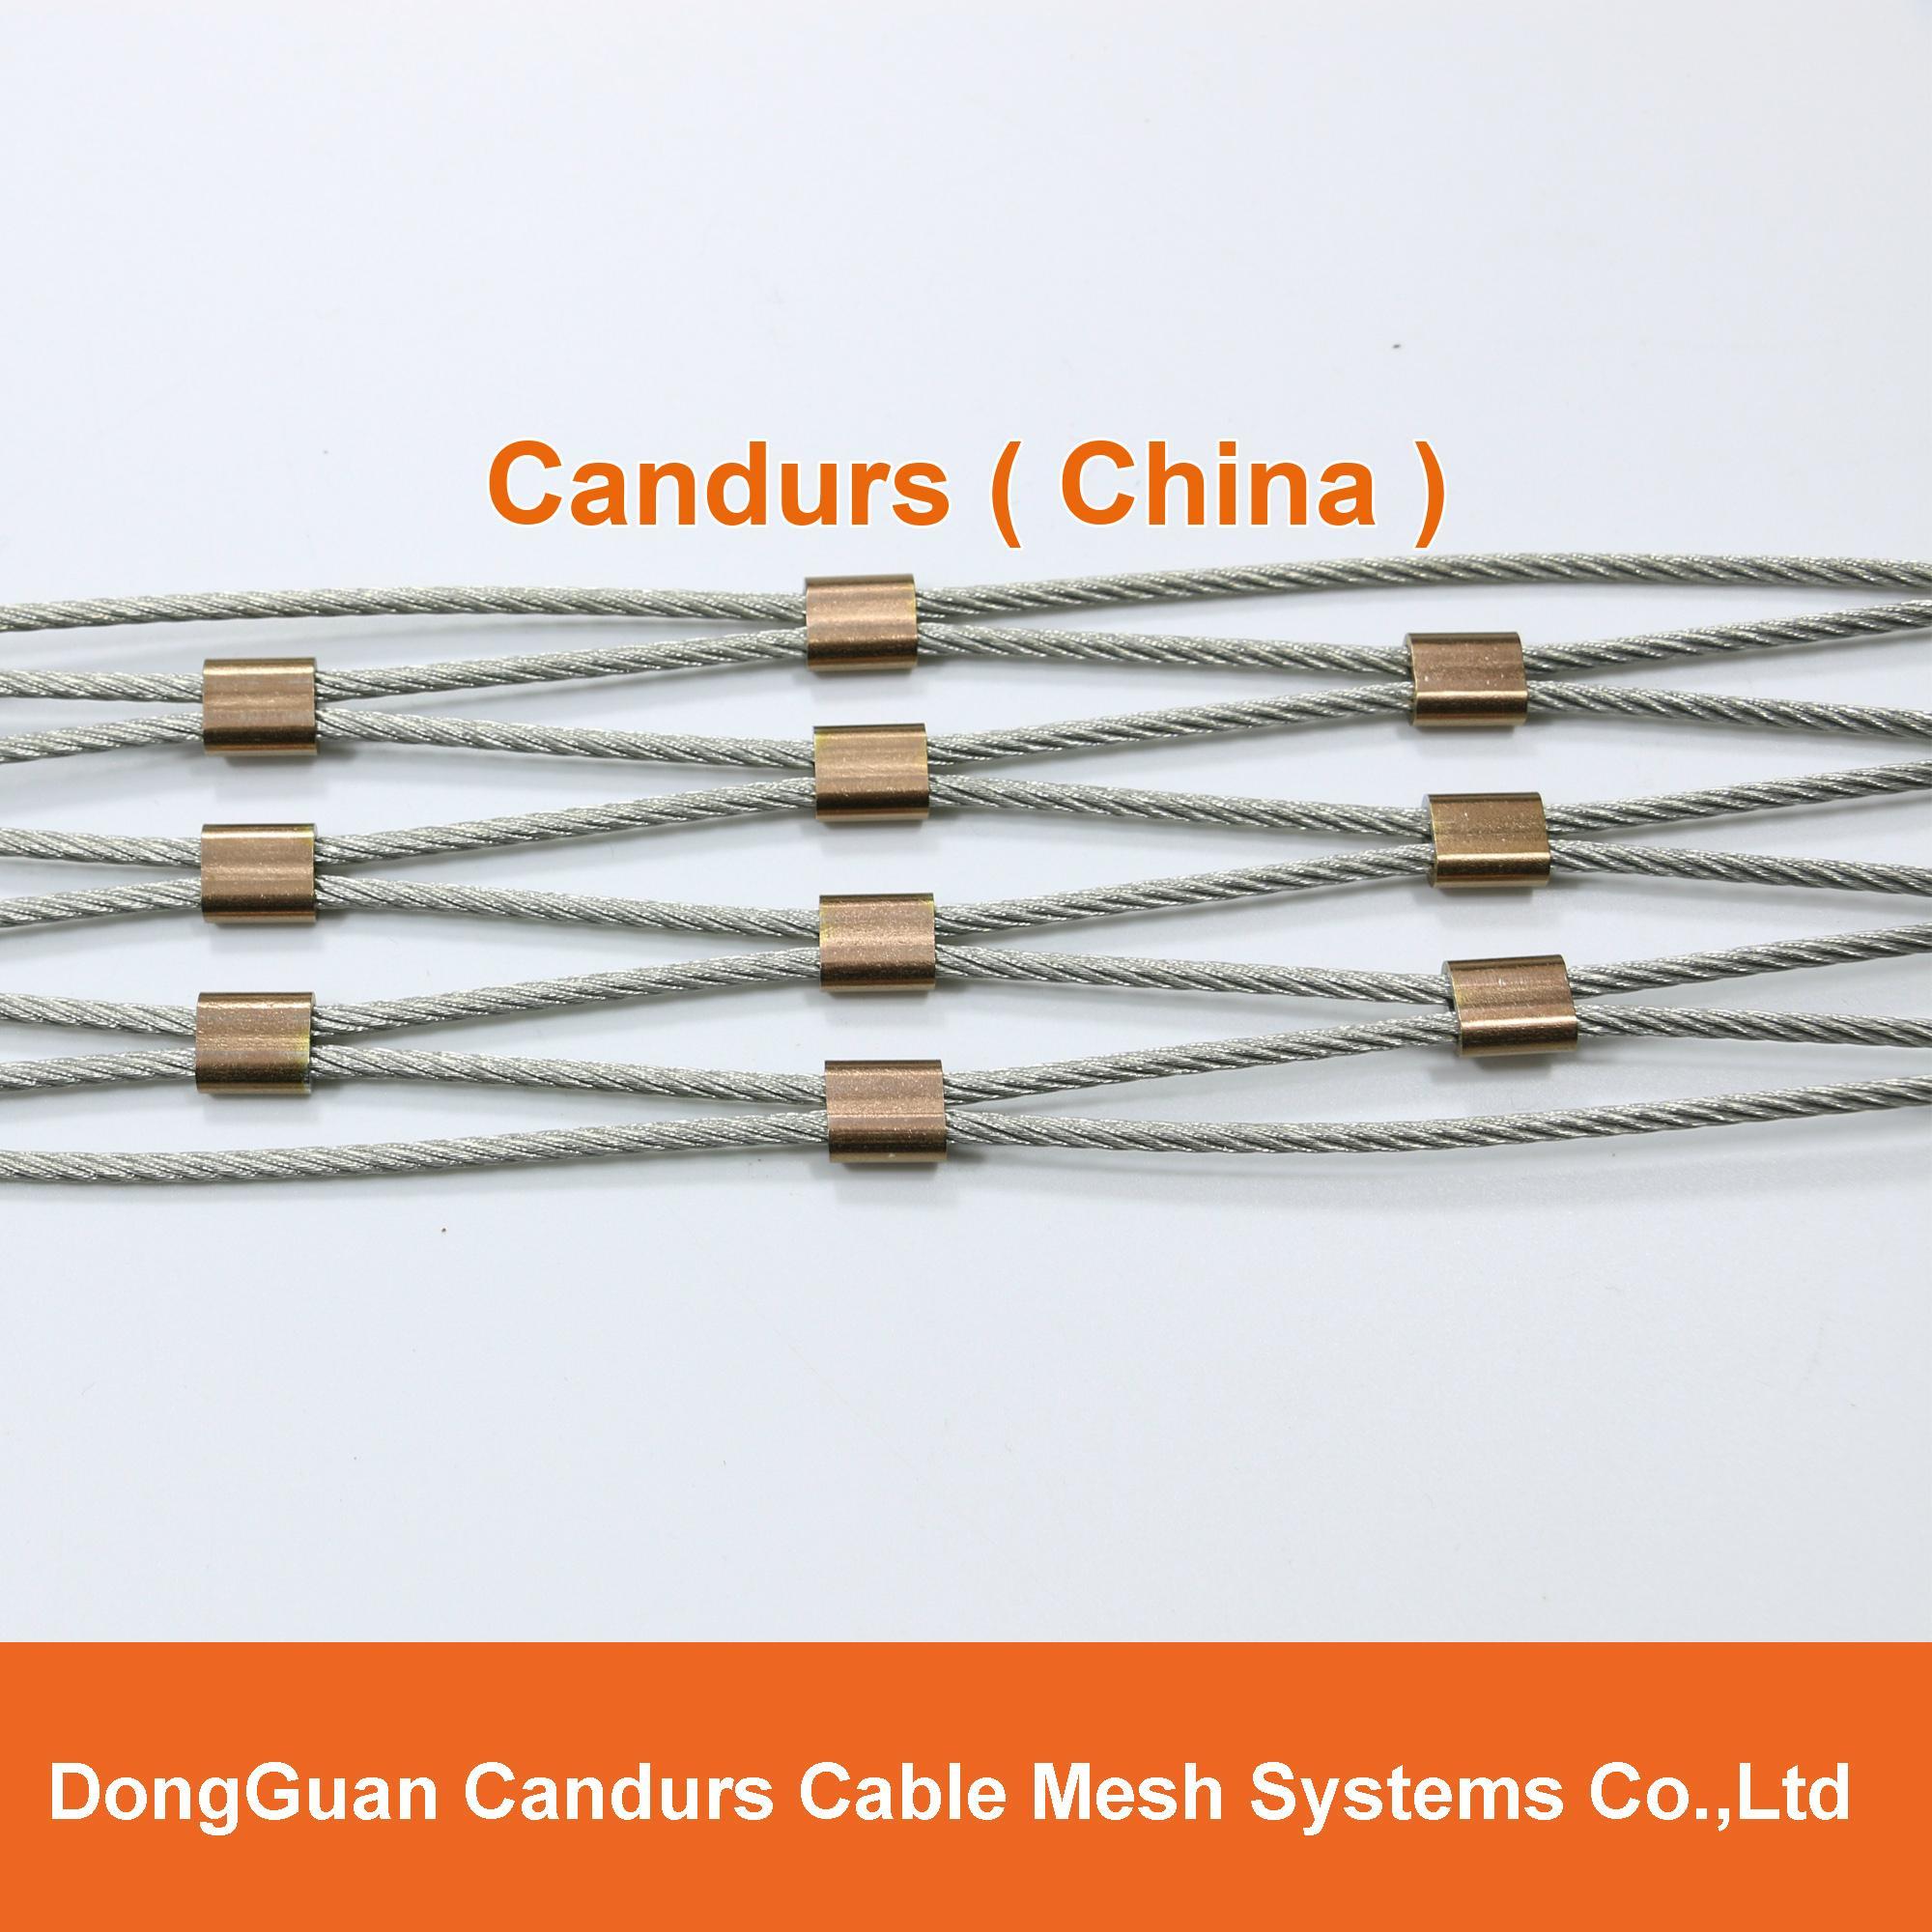 屋顶安全防护不锈钢绳网 16